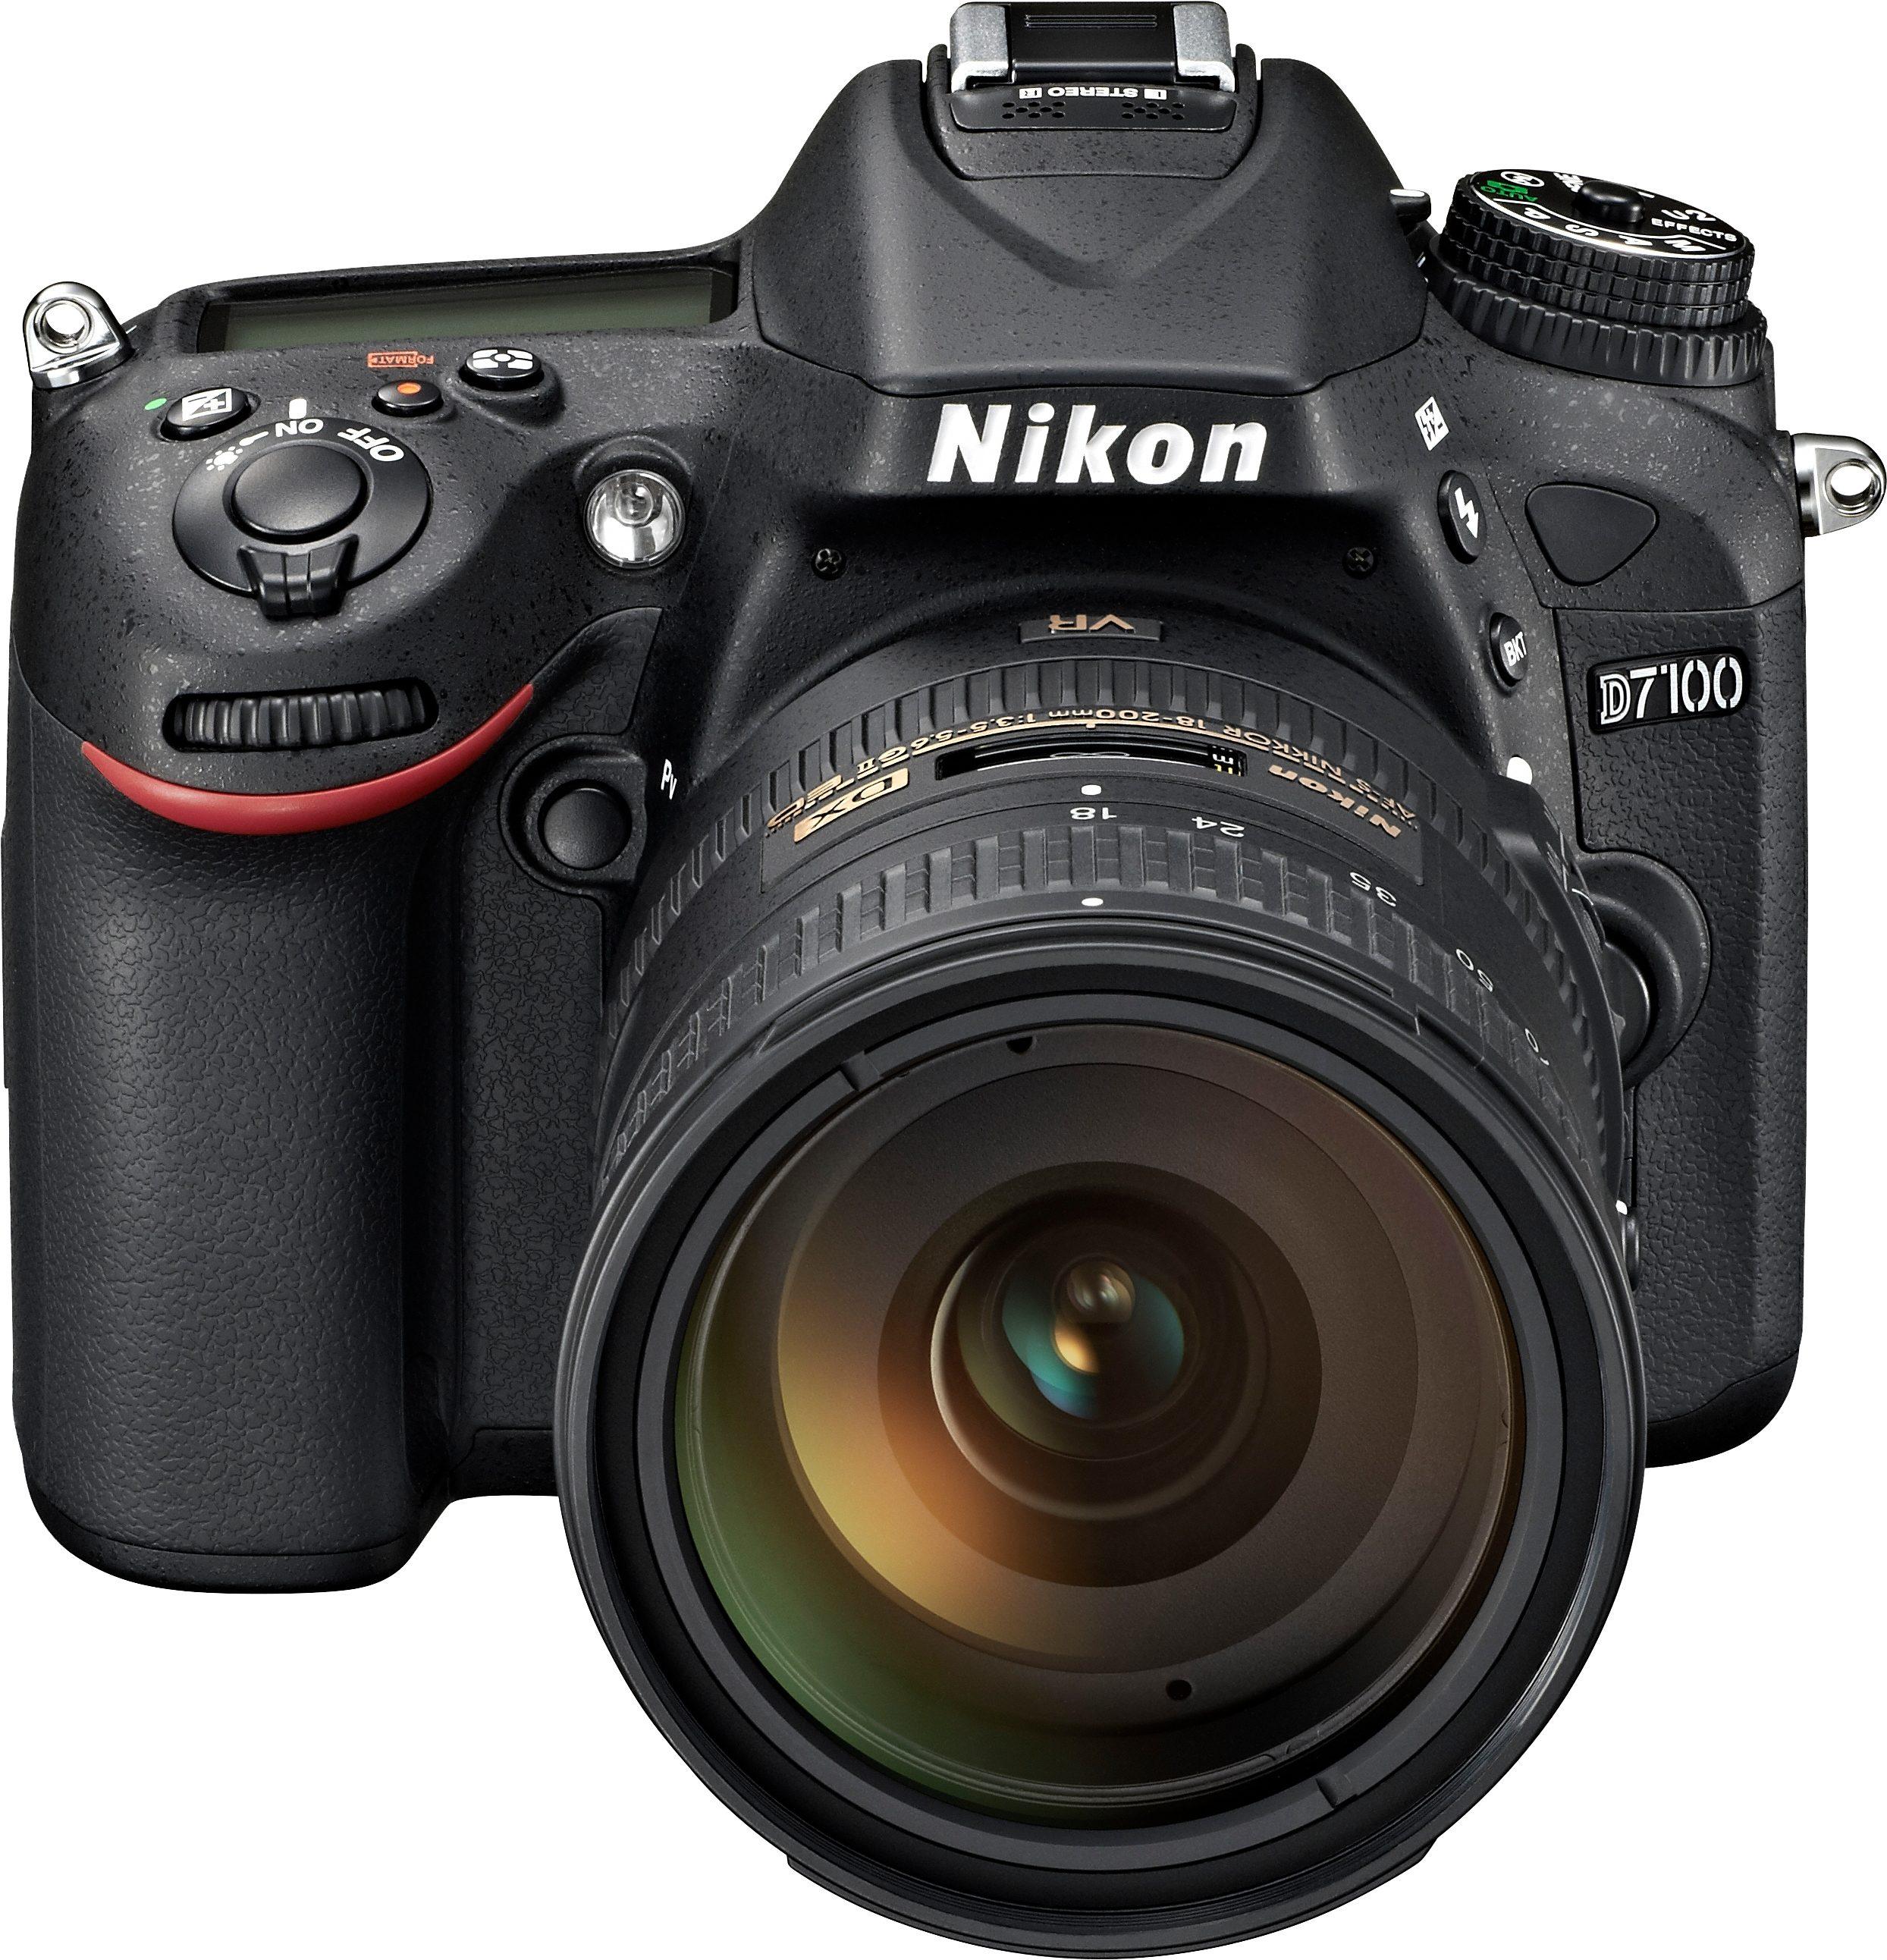 Nikon D7100 Kit AF-S DX 18-200G VR II Spiegelreflex Kamera, Zoomobjektiv Zoom, 24,1 Megapixel